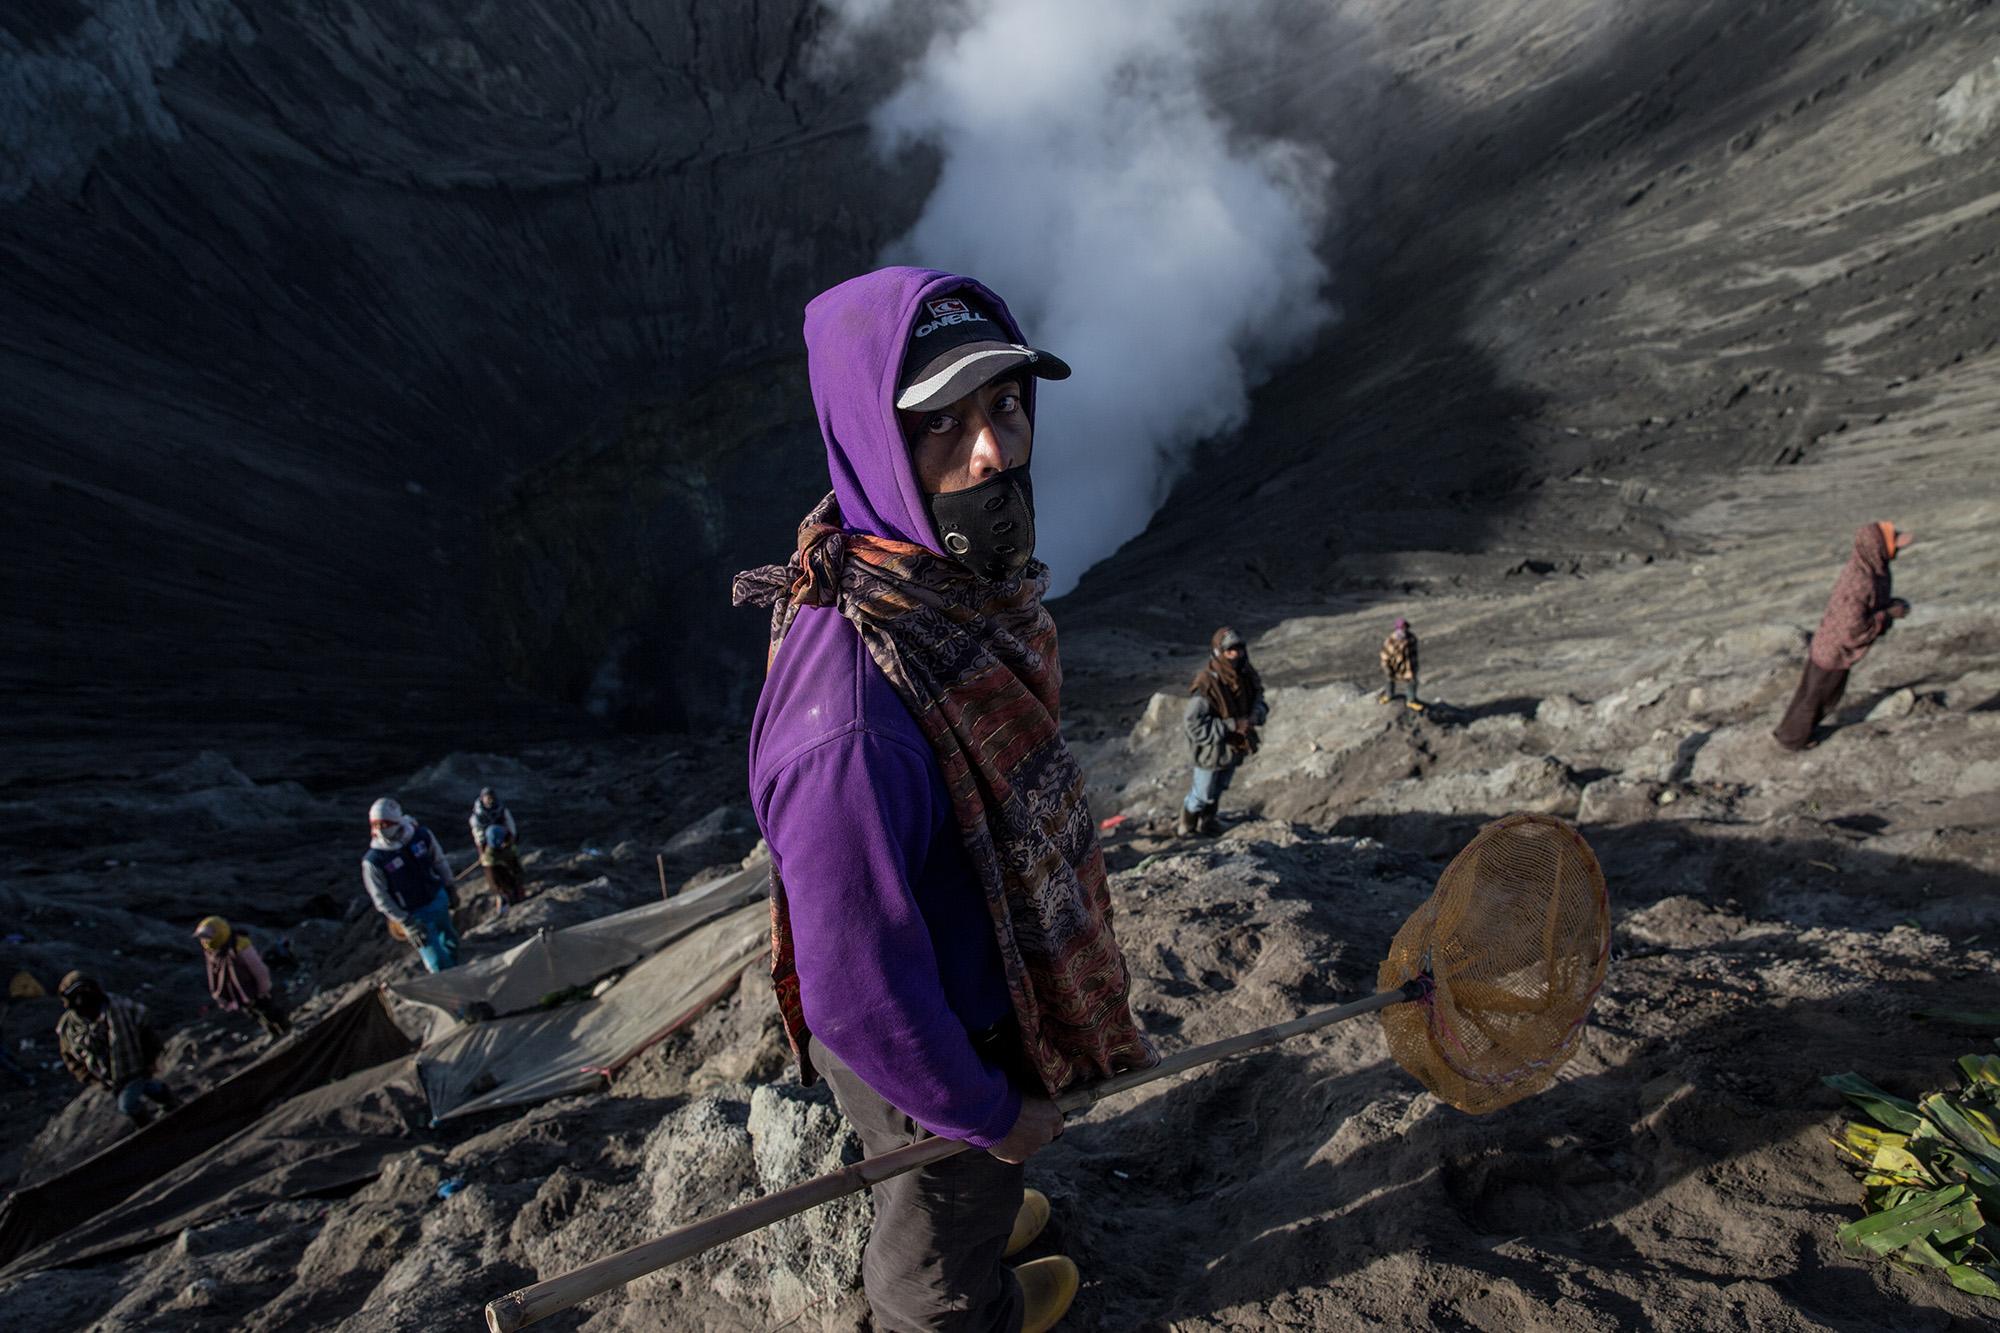 WebSP_crater of hope_AgungParameswara_028.JPG